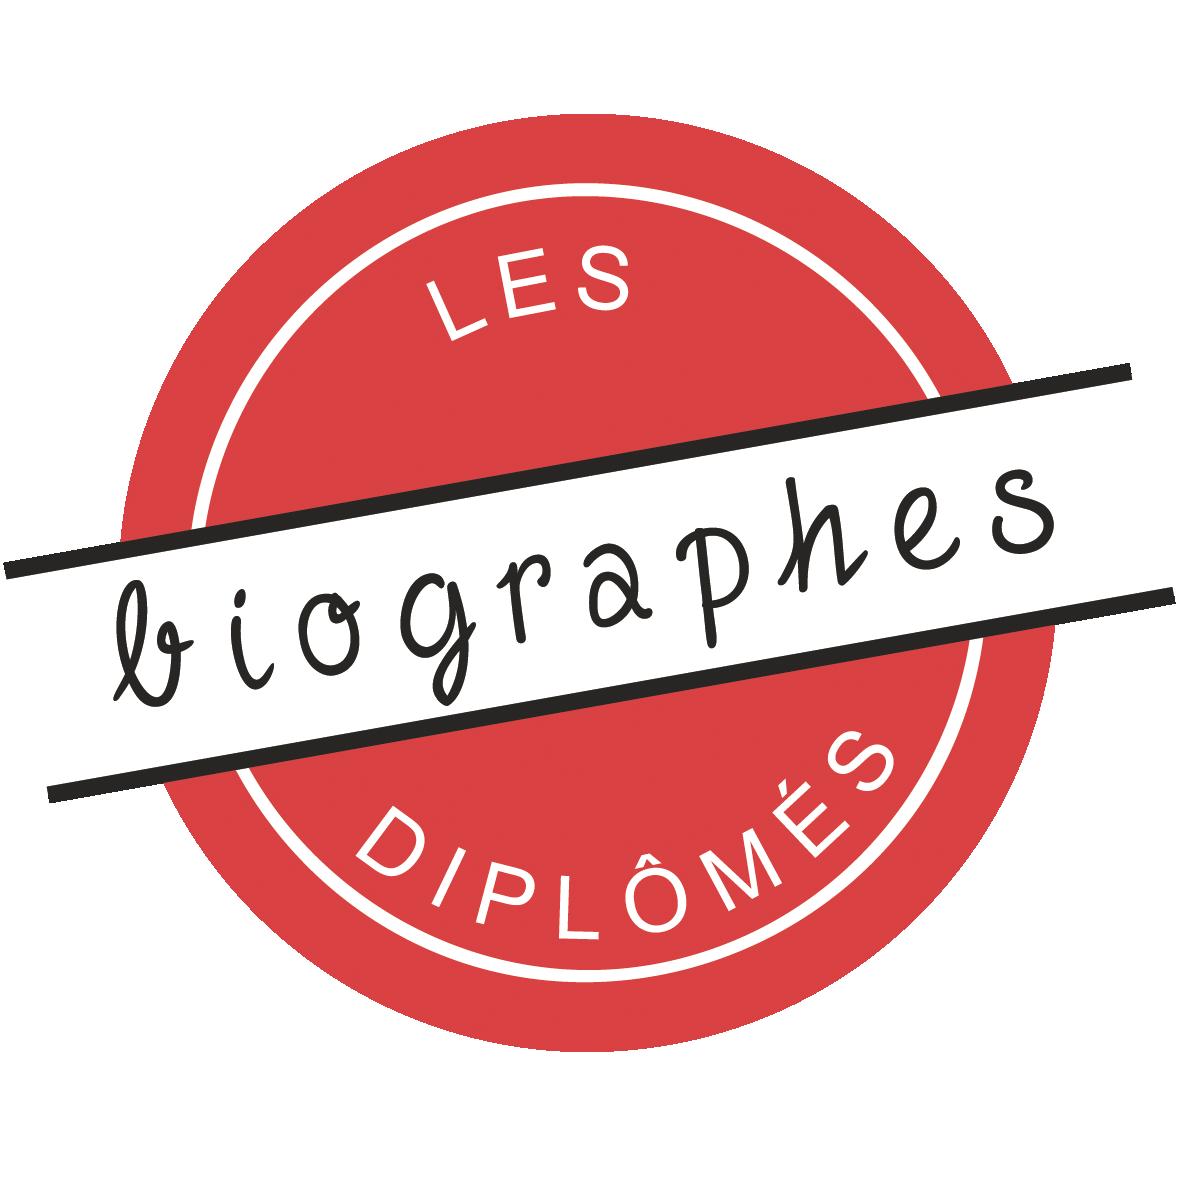 Les biographes diplômés